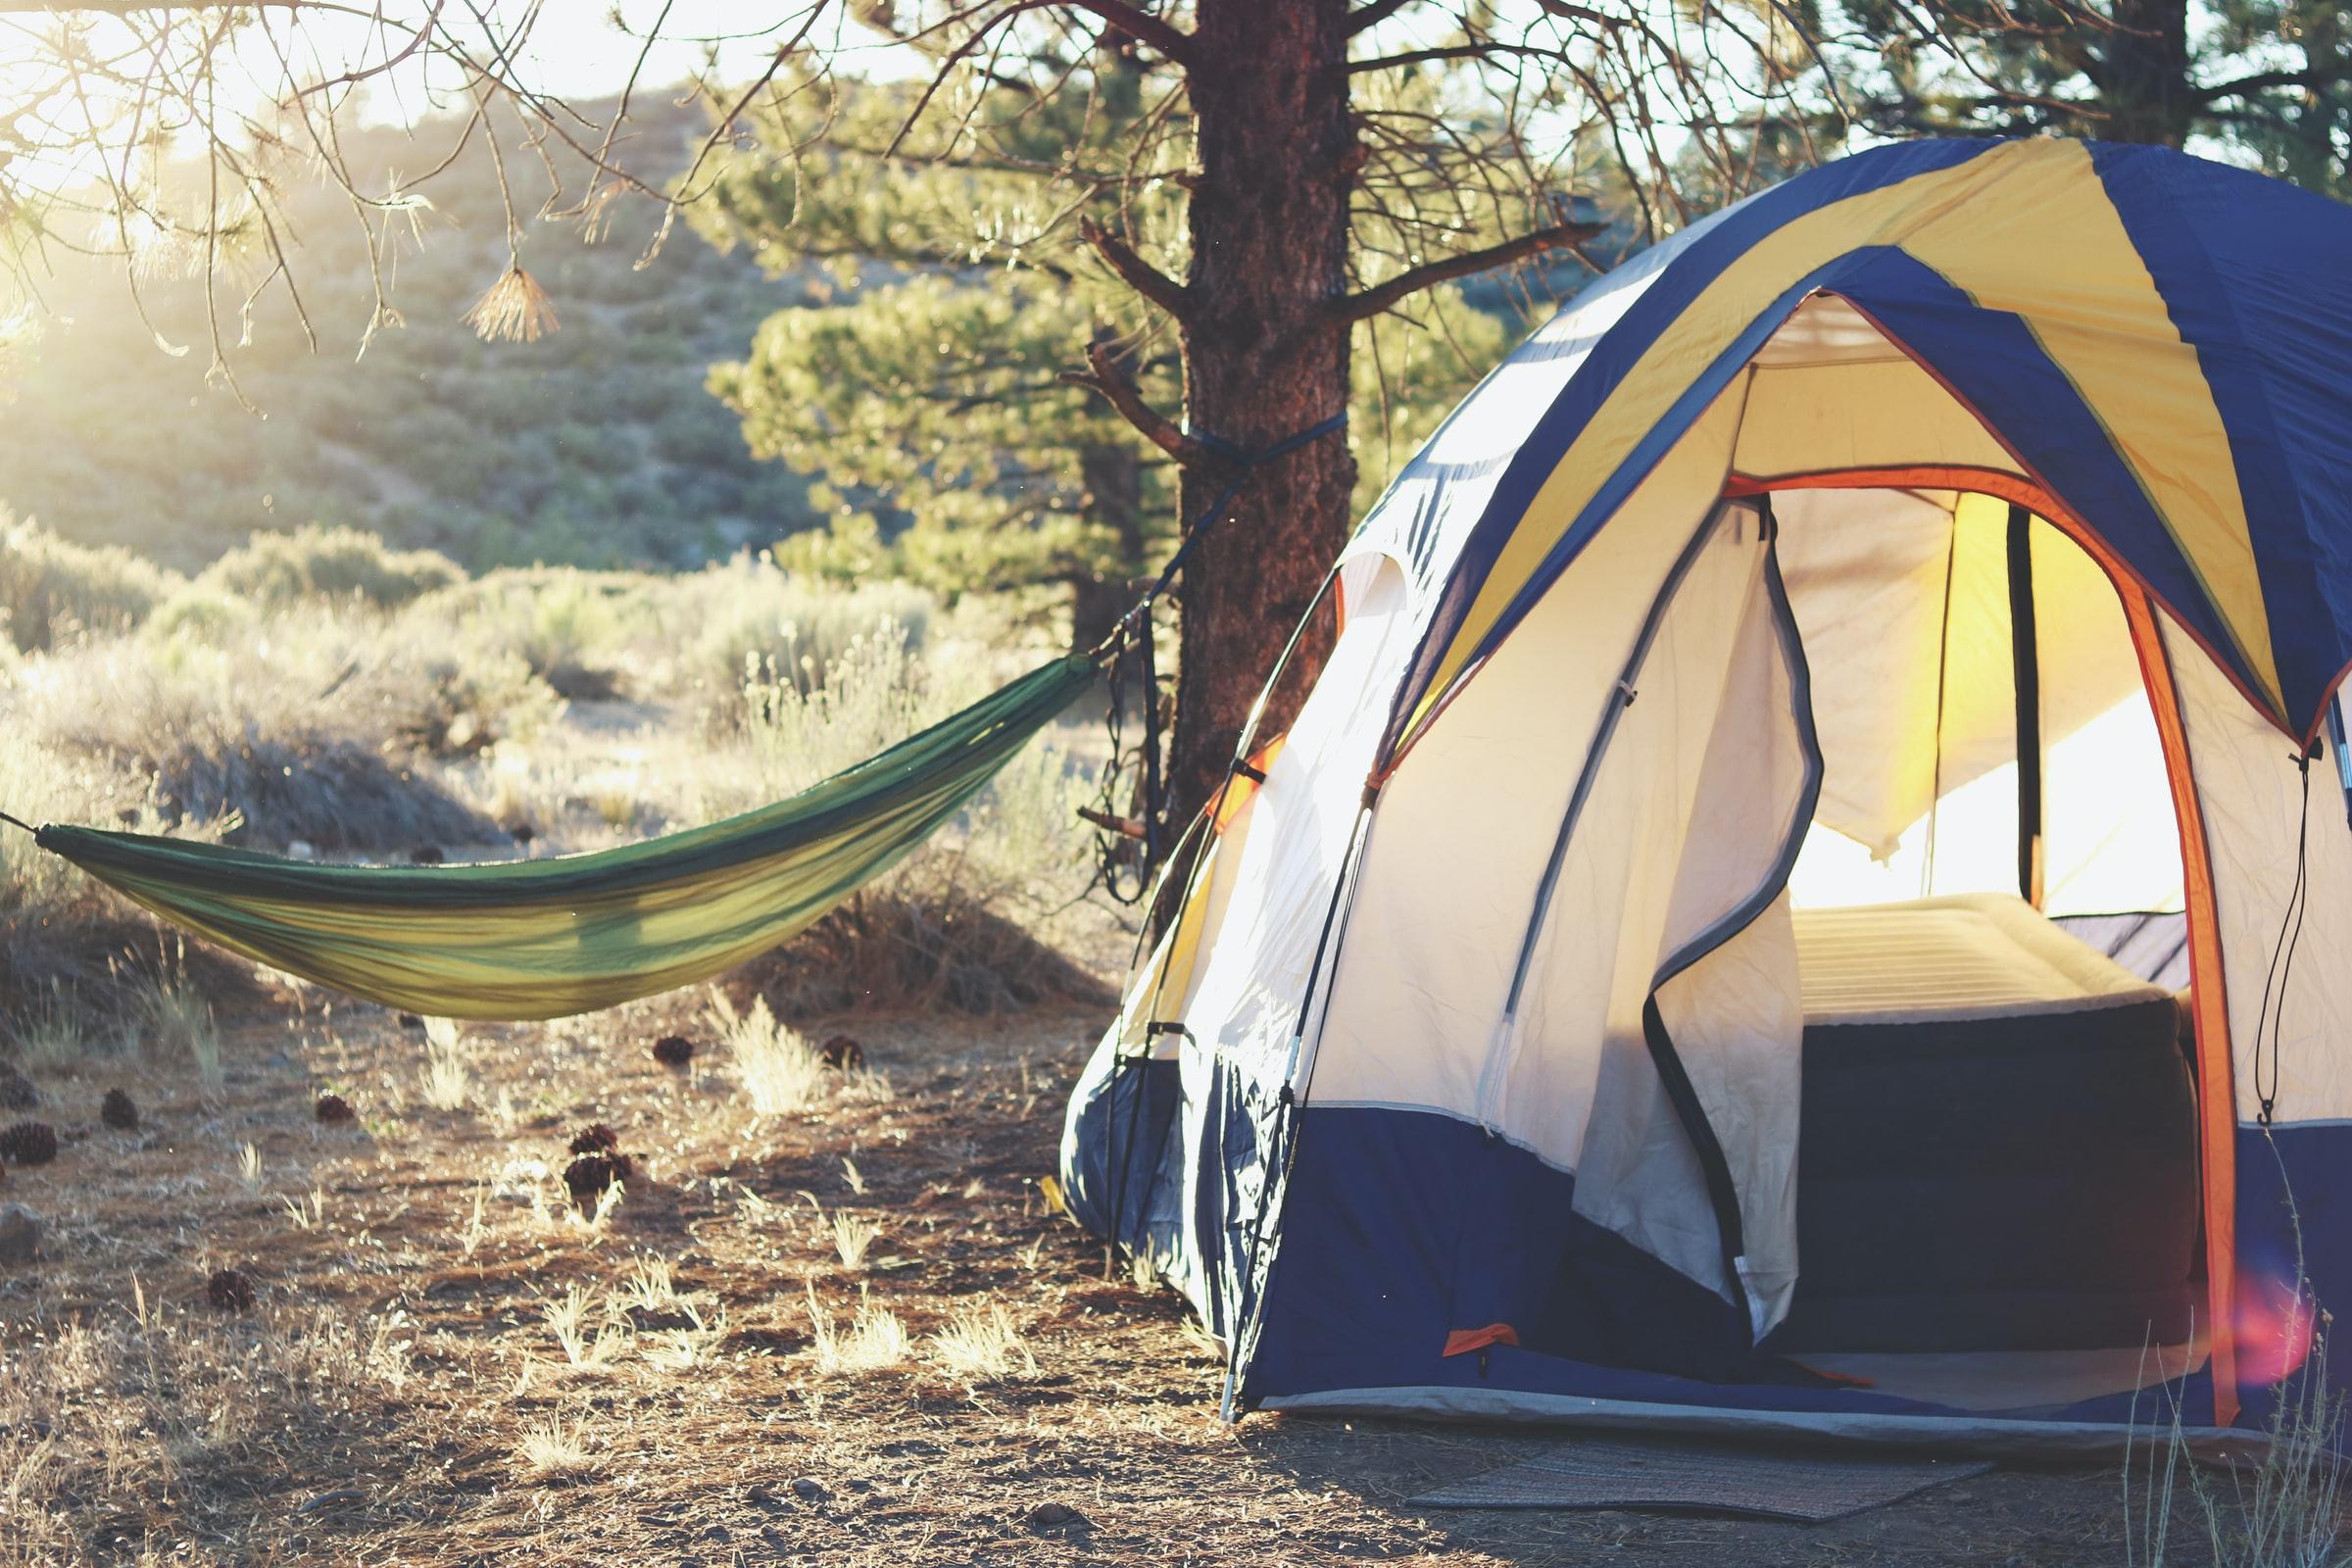 Wildcamping - Zelt und Hängematte